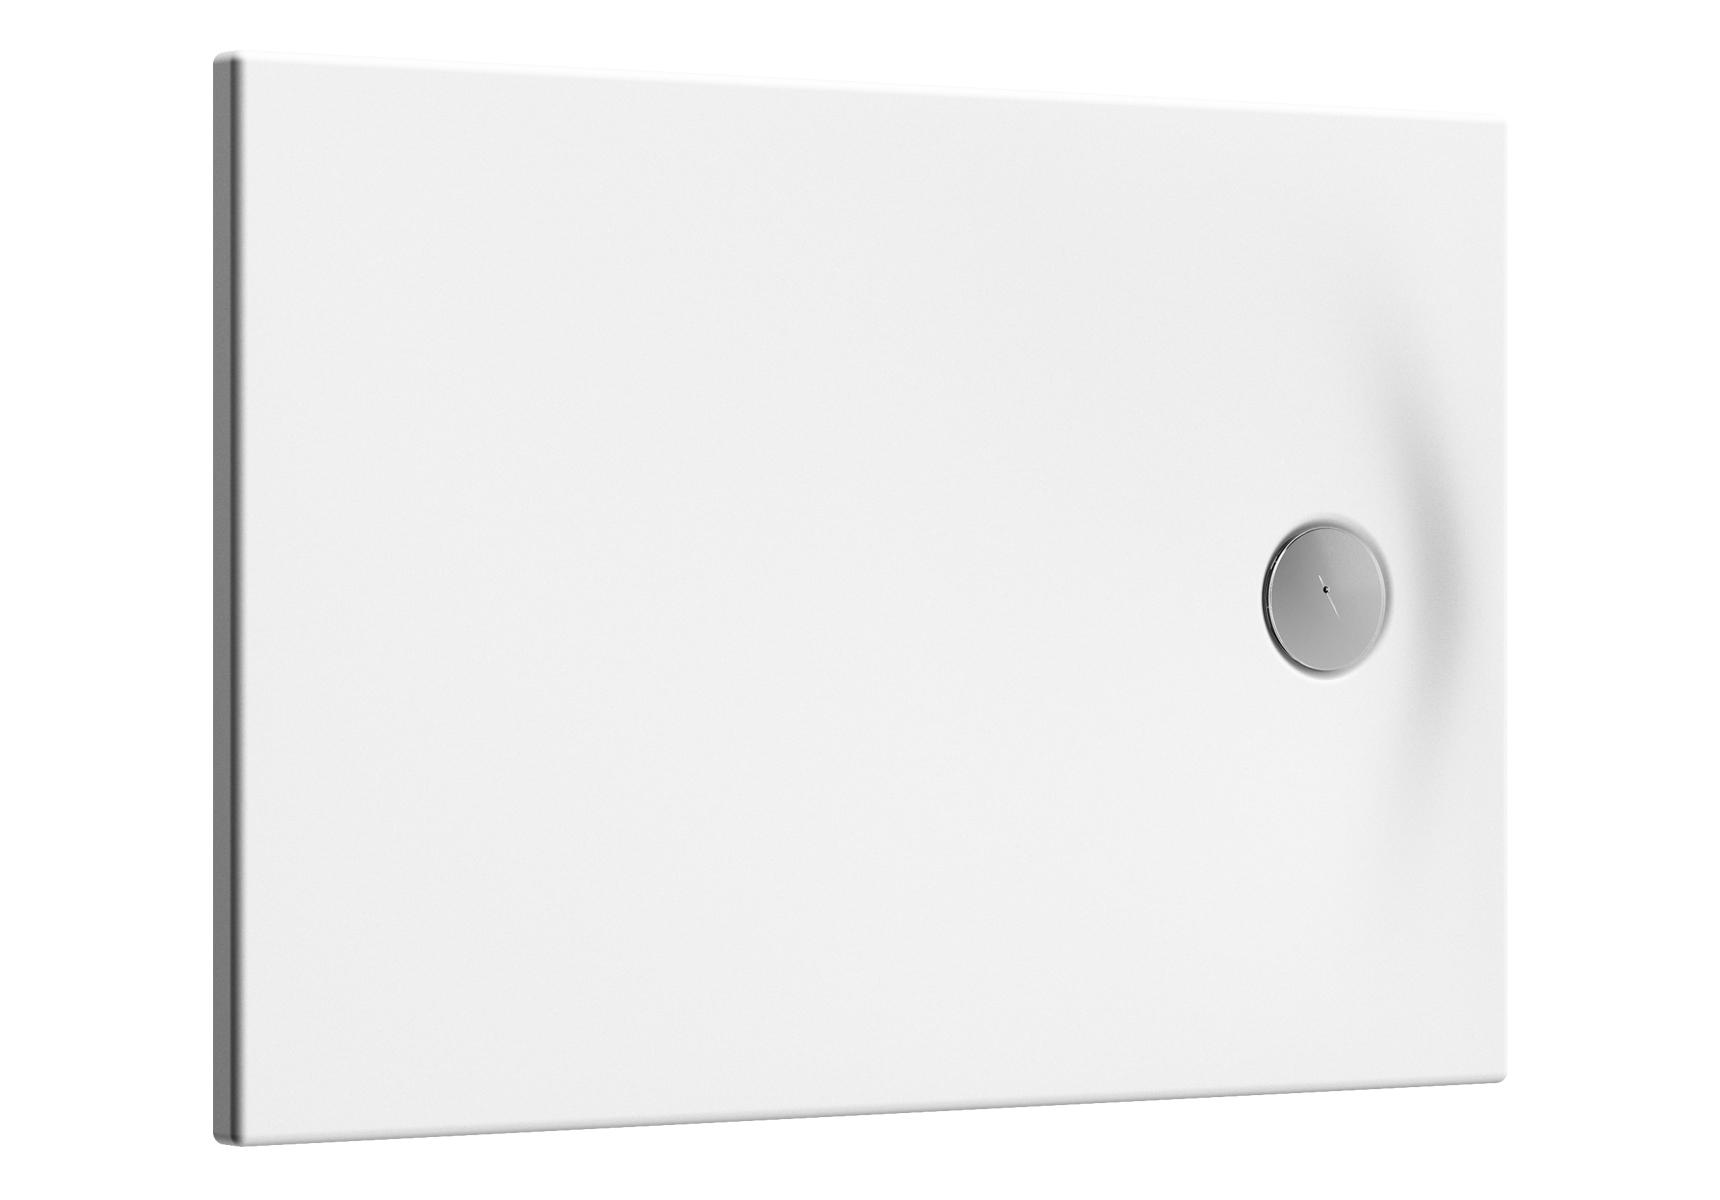 Smooth receveur ultra plat en acrylique, 3,2 mm, à encastrer ou à poser, rectangulaire, 150  x  70 cm